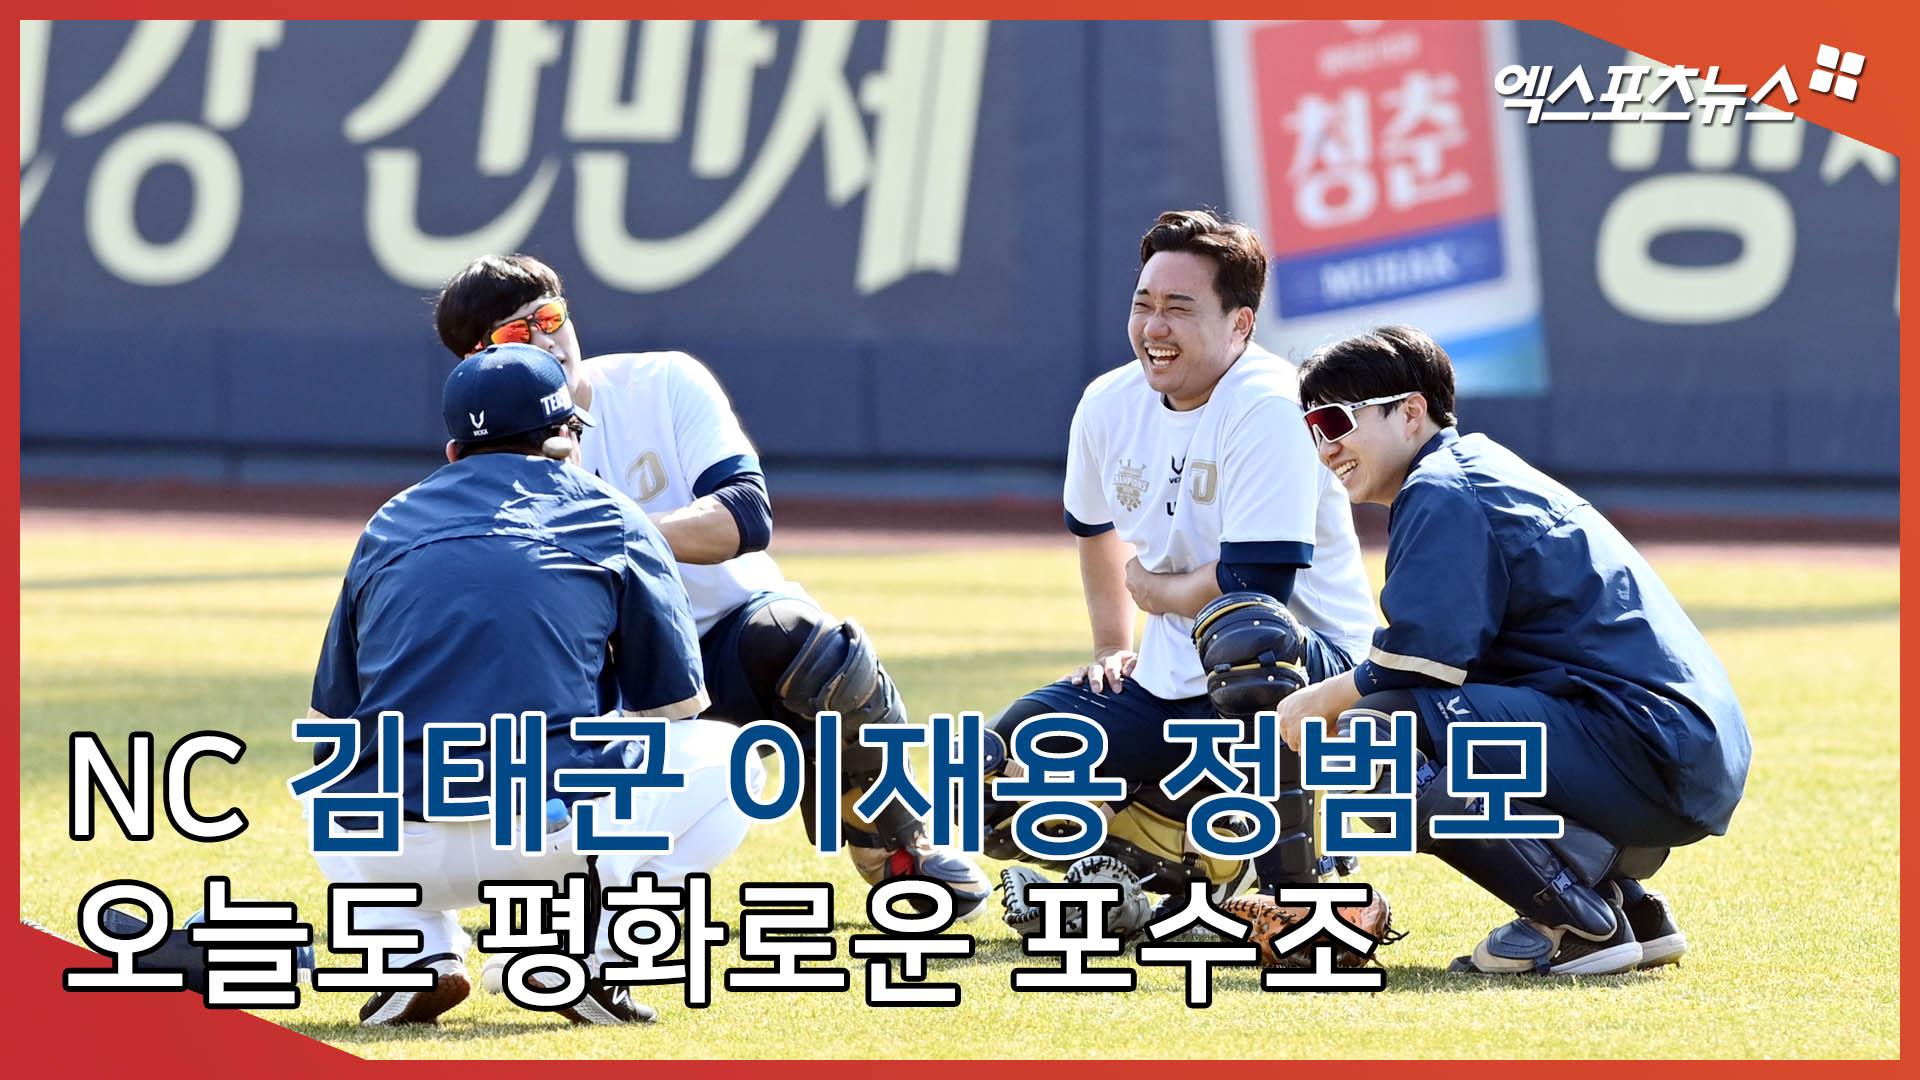 김태군-이재용-정범모, 오늘도 평화로운 NC 포수조[엑's 스케치]